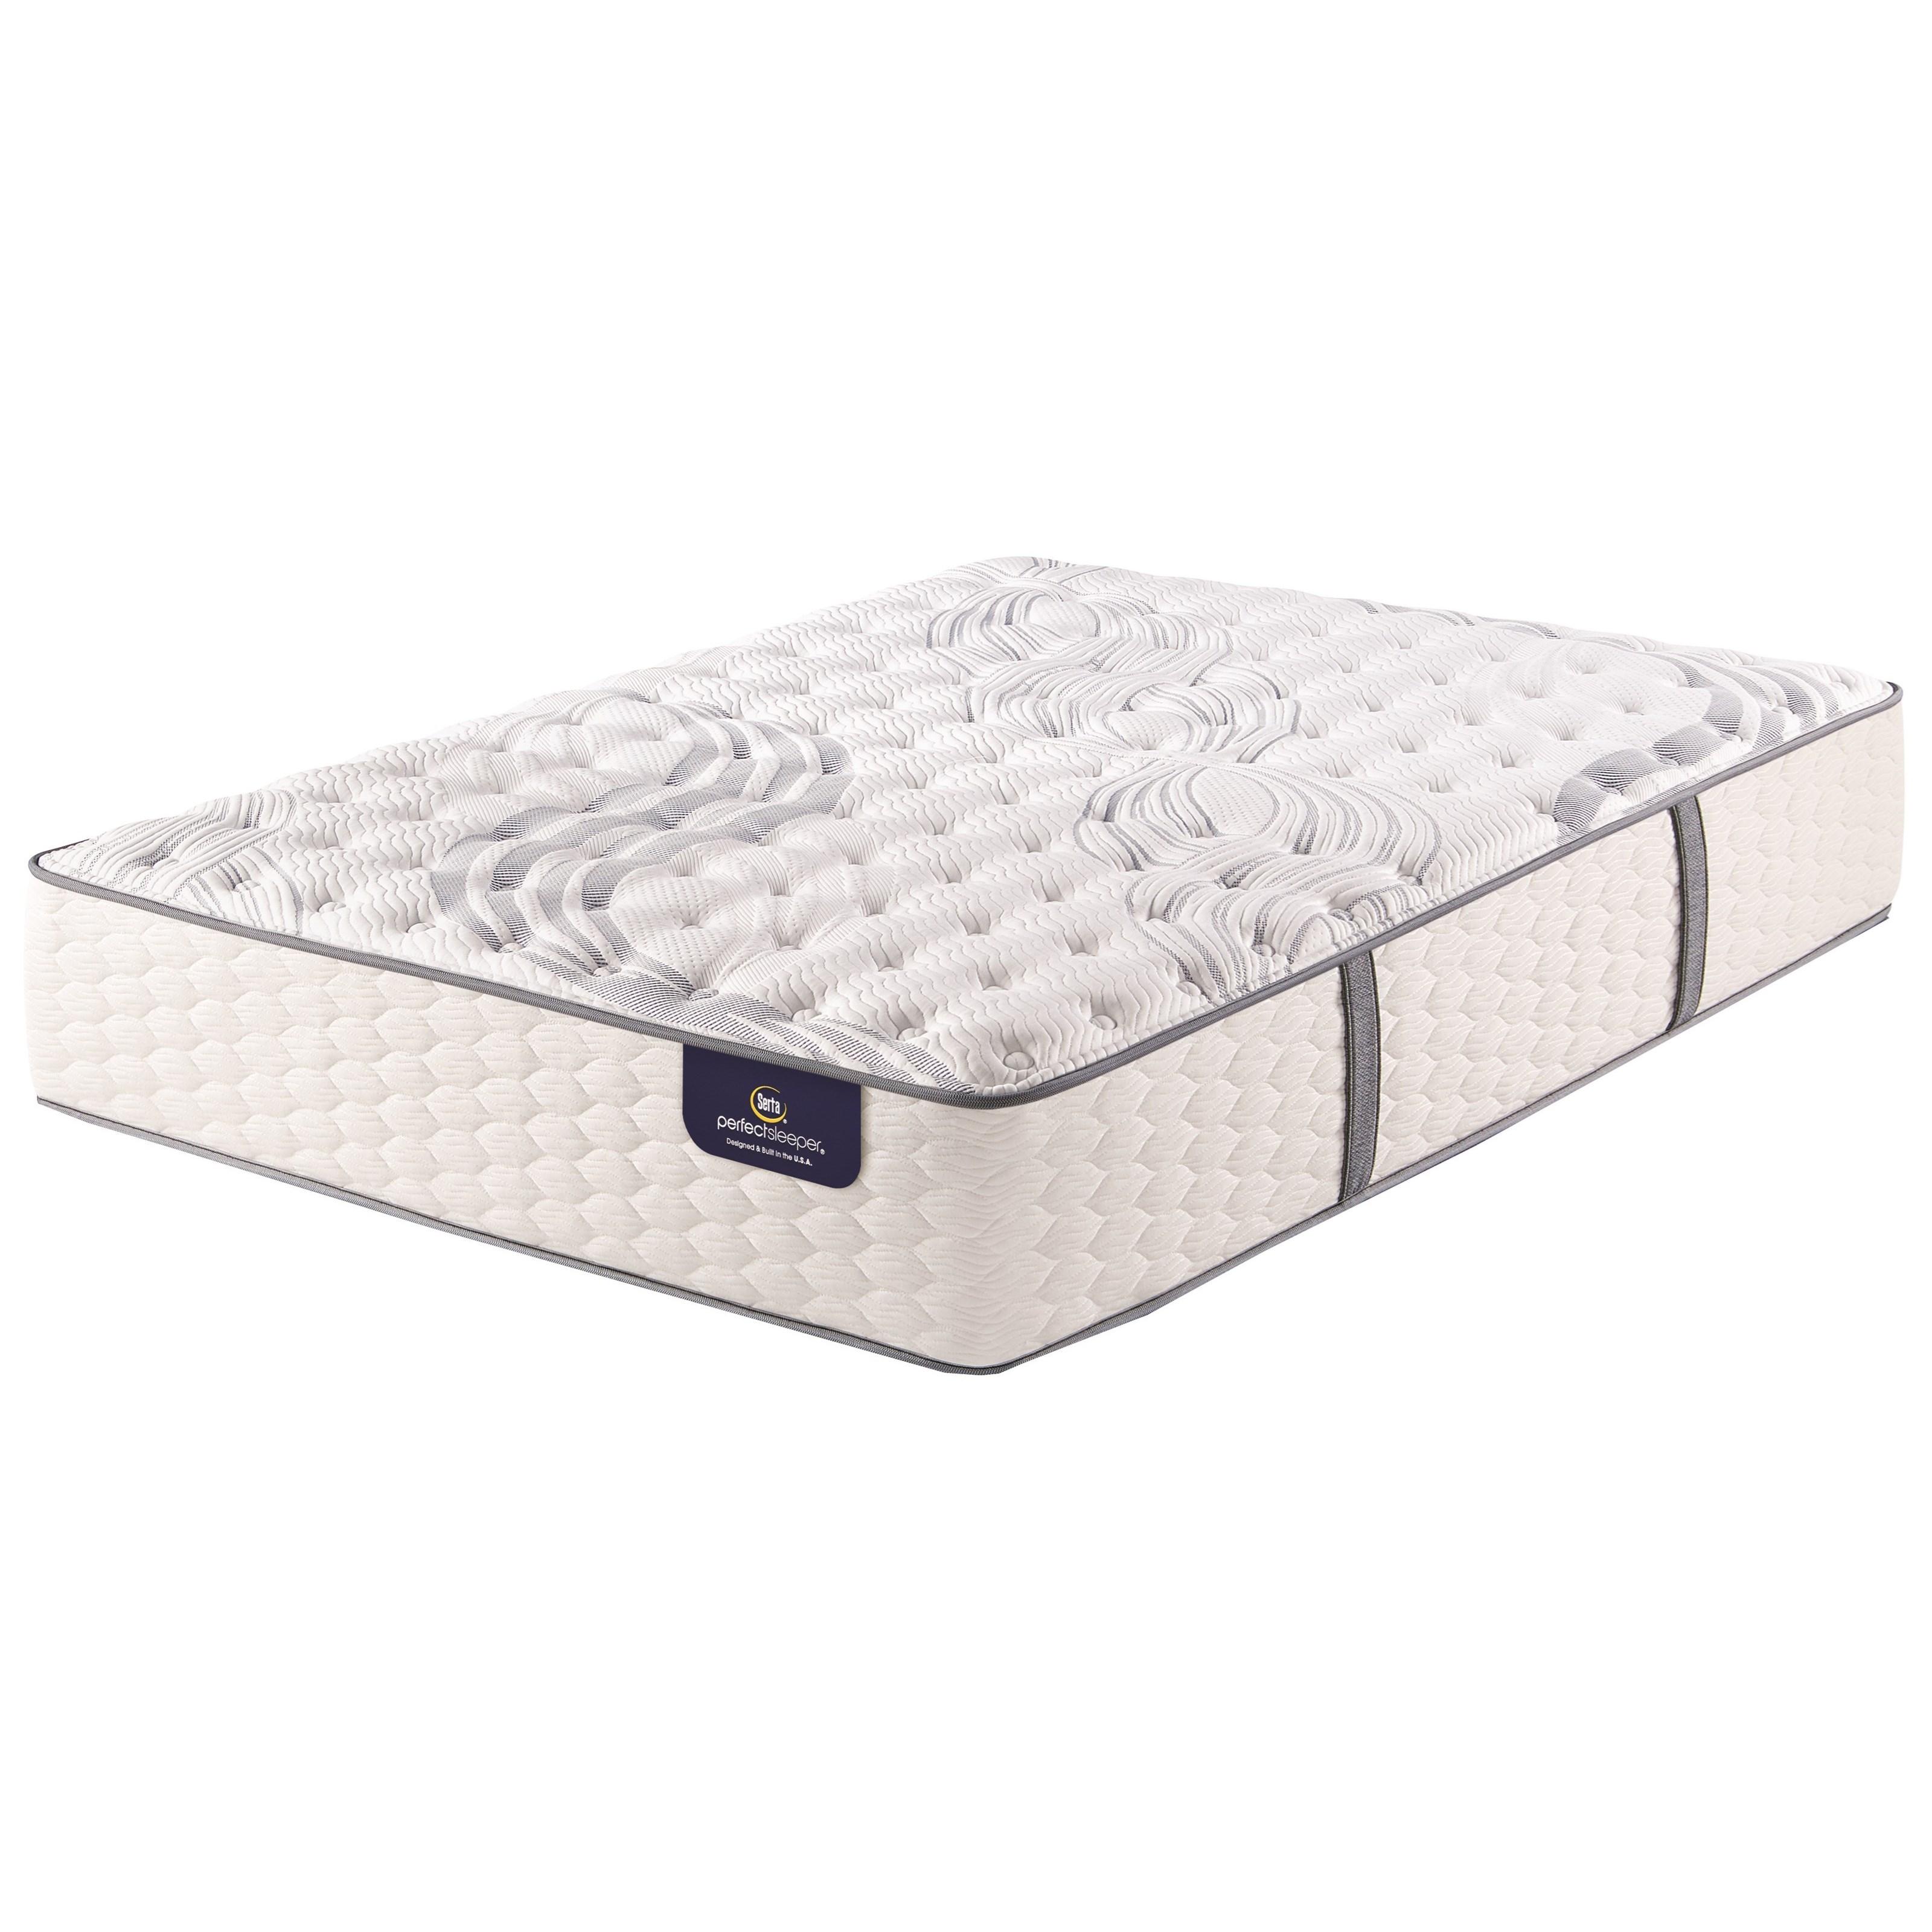 serta ps trelleburg luxury firm king luxury firm premium pocketed coil mattress